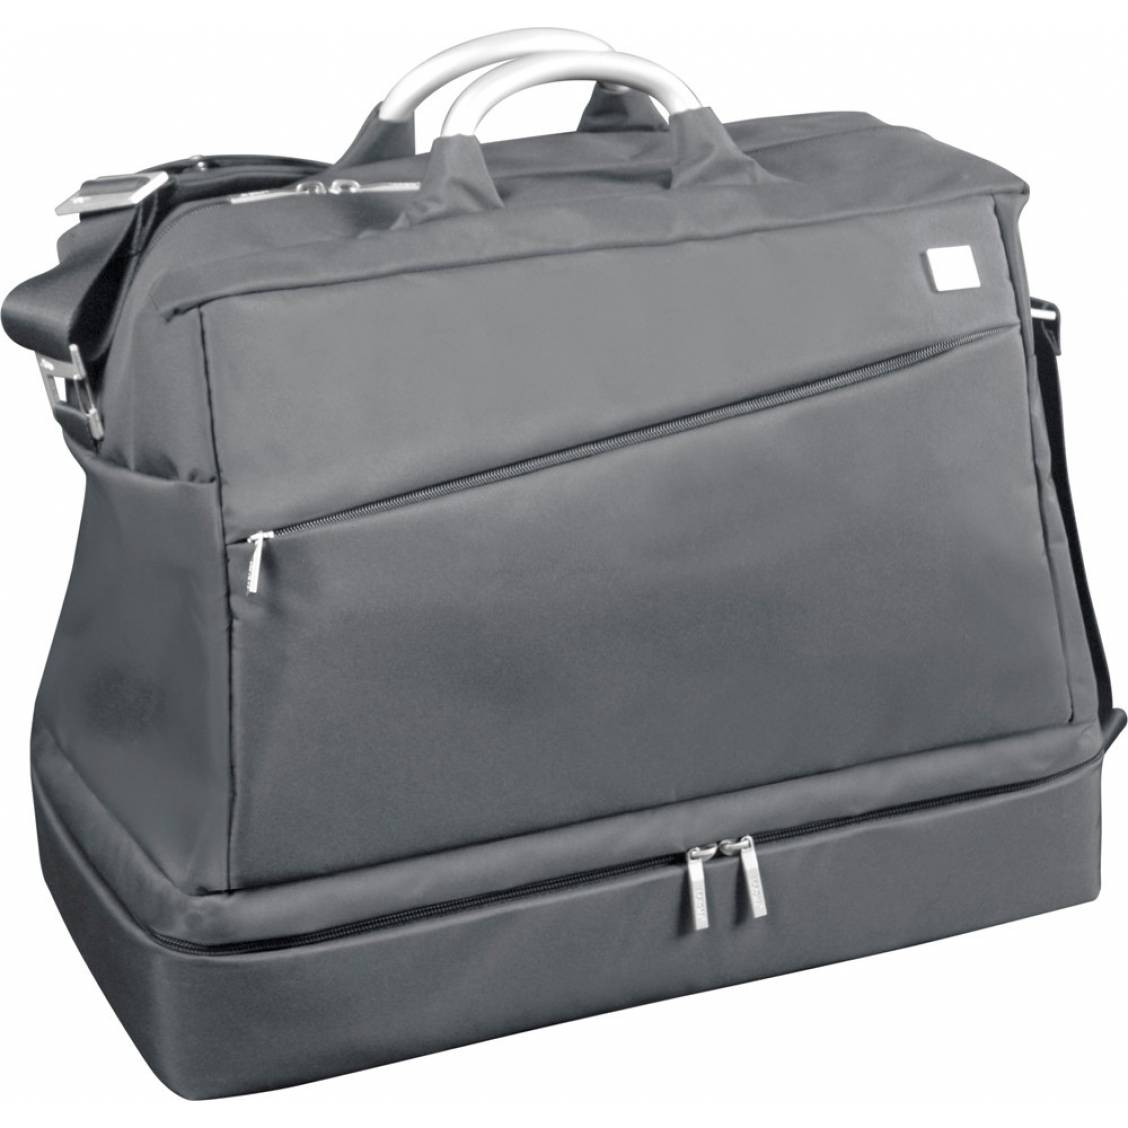 pin vetement homme sac de voyage airline double compartiment gris on pinterest. Black Bedroom Furniture Sets. Home Design Ideas